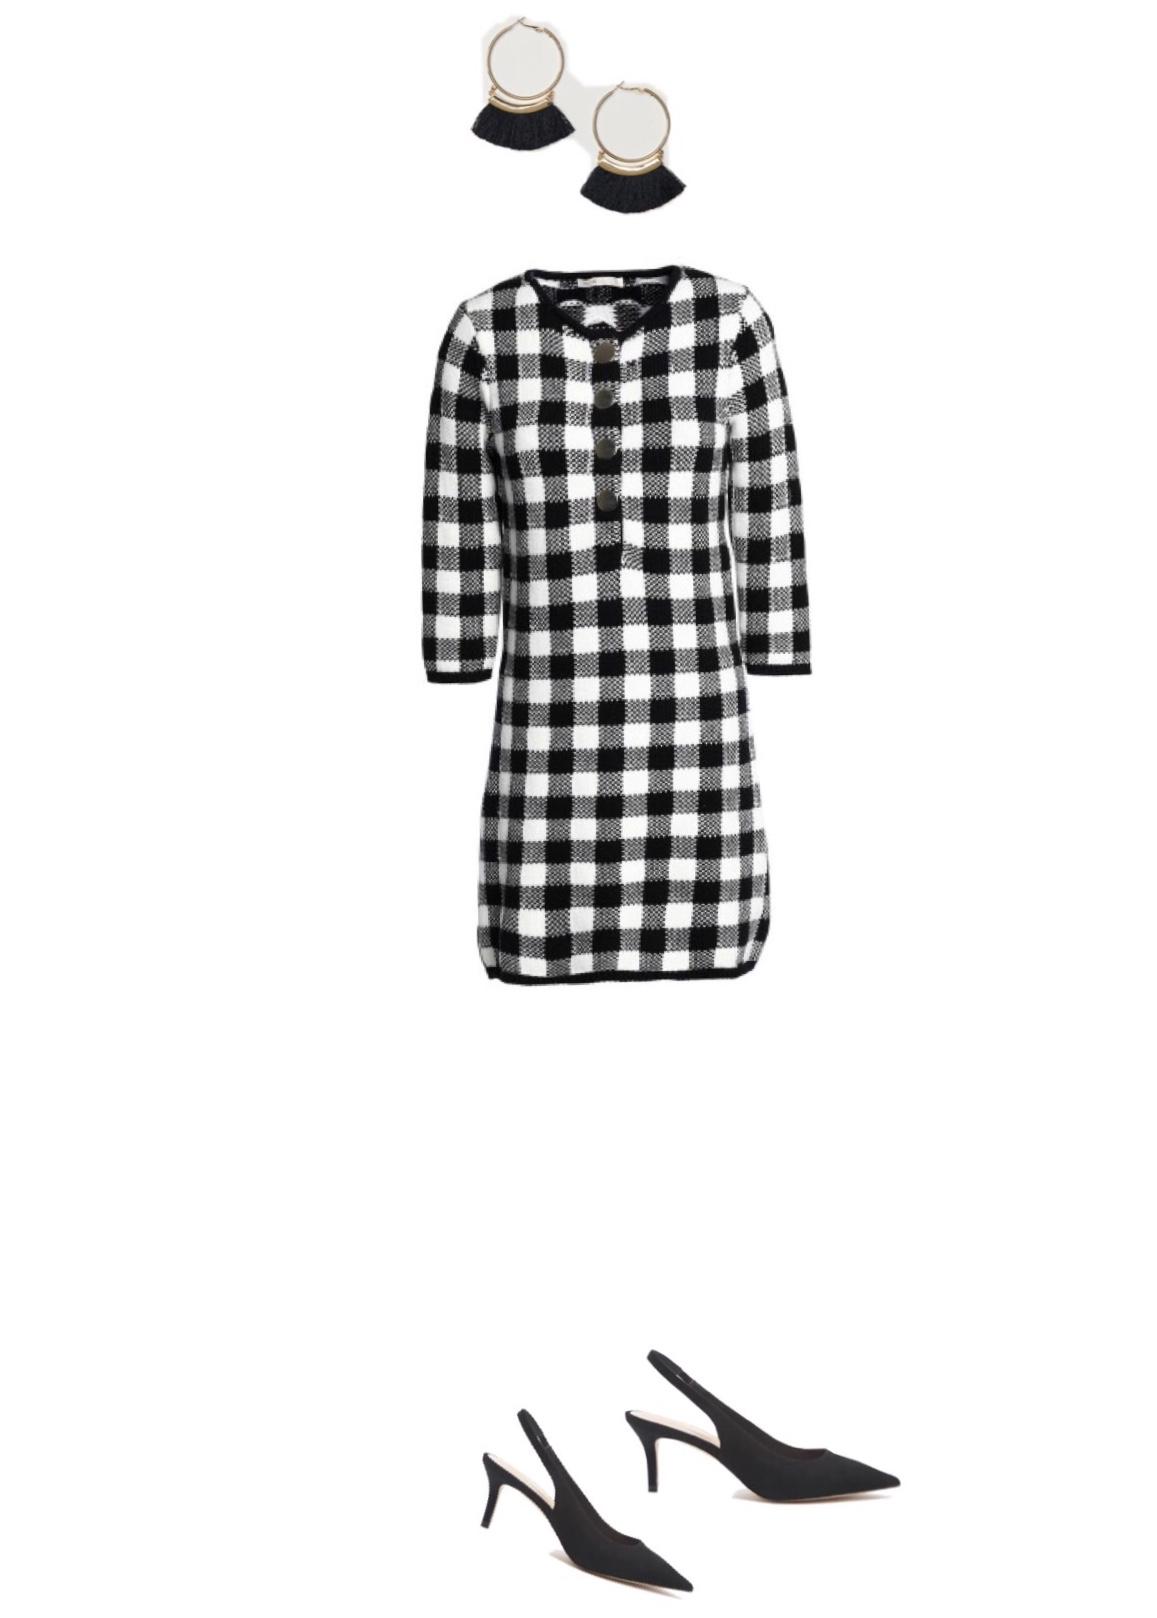 Dress  / Shoes:  $24  / Earrings:  $9